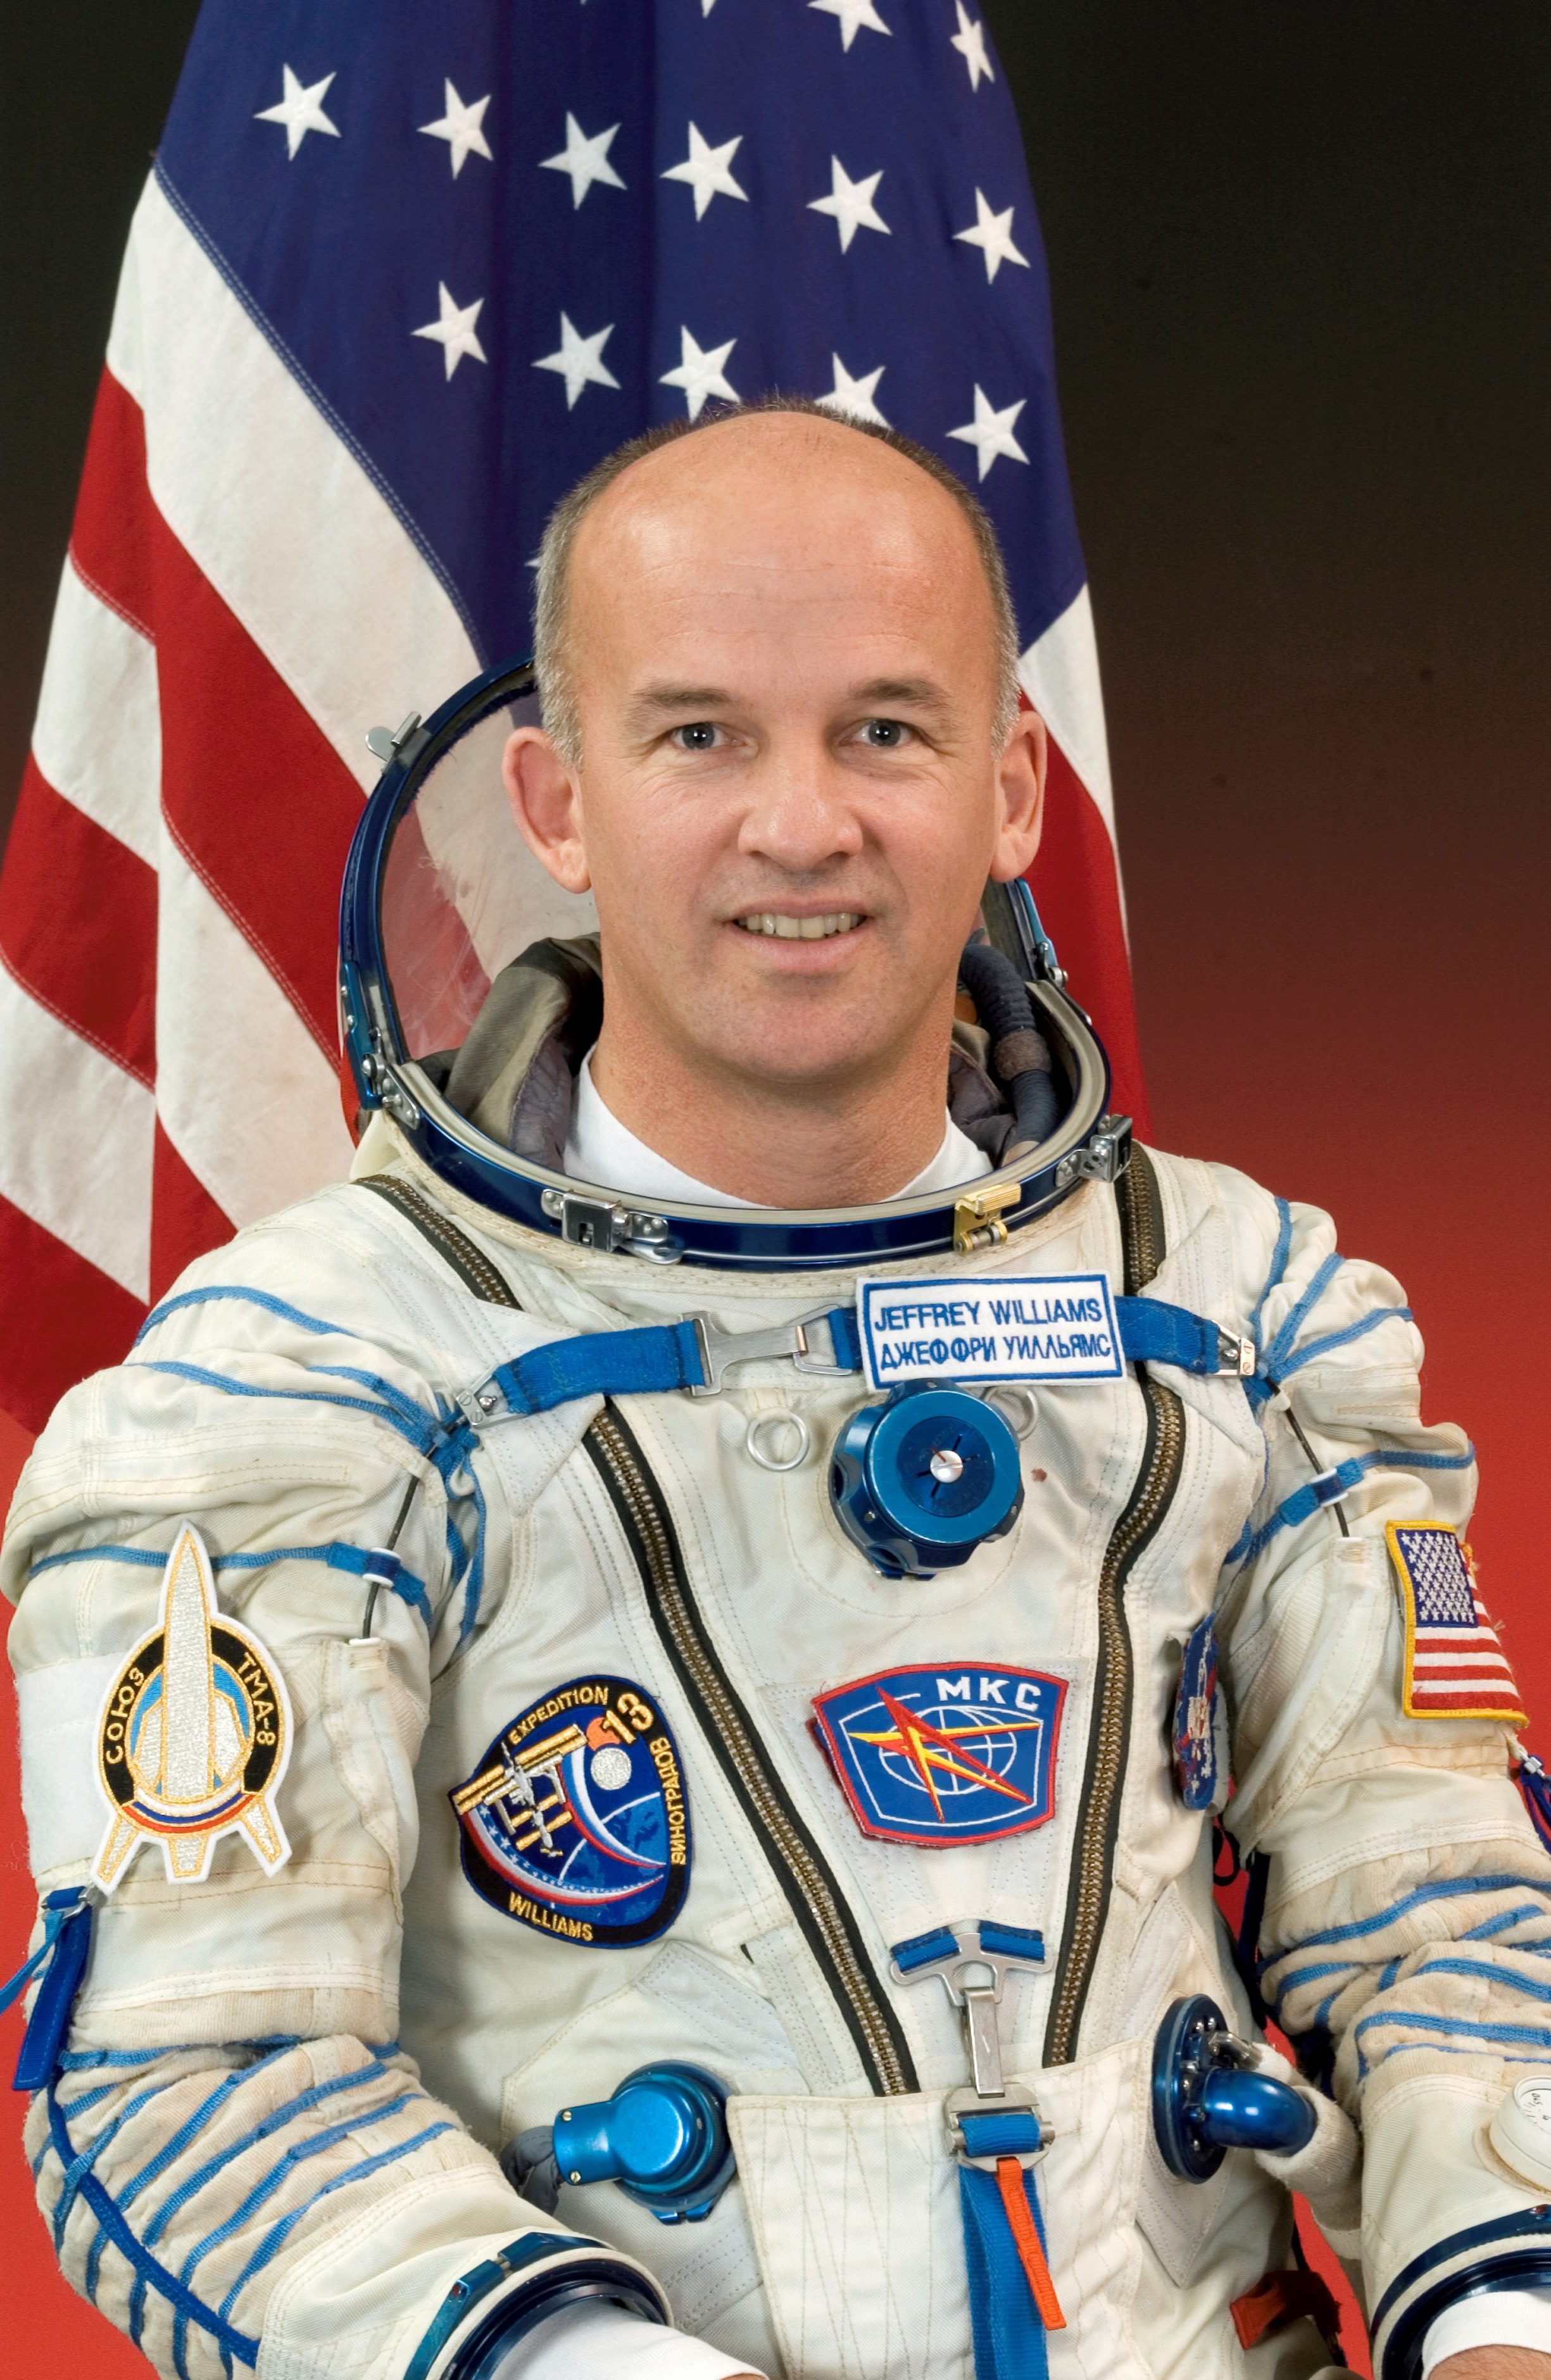 Histoires chrétiennes vécues par les astronautes sur la Lune et dans l'espace... 0124-0611-0218-3218_astronaut_jeffrey_n_williams_o